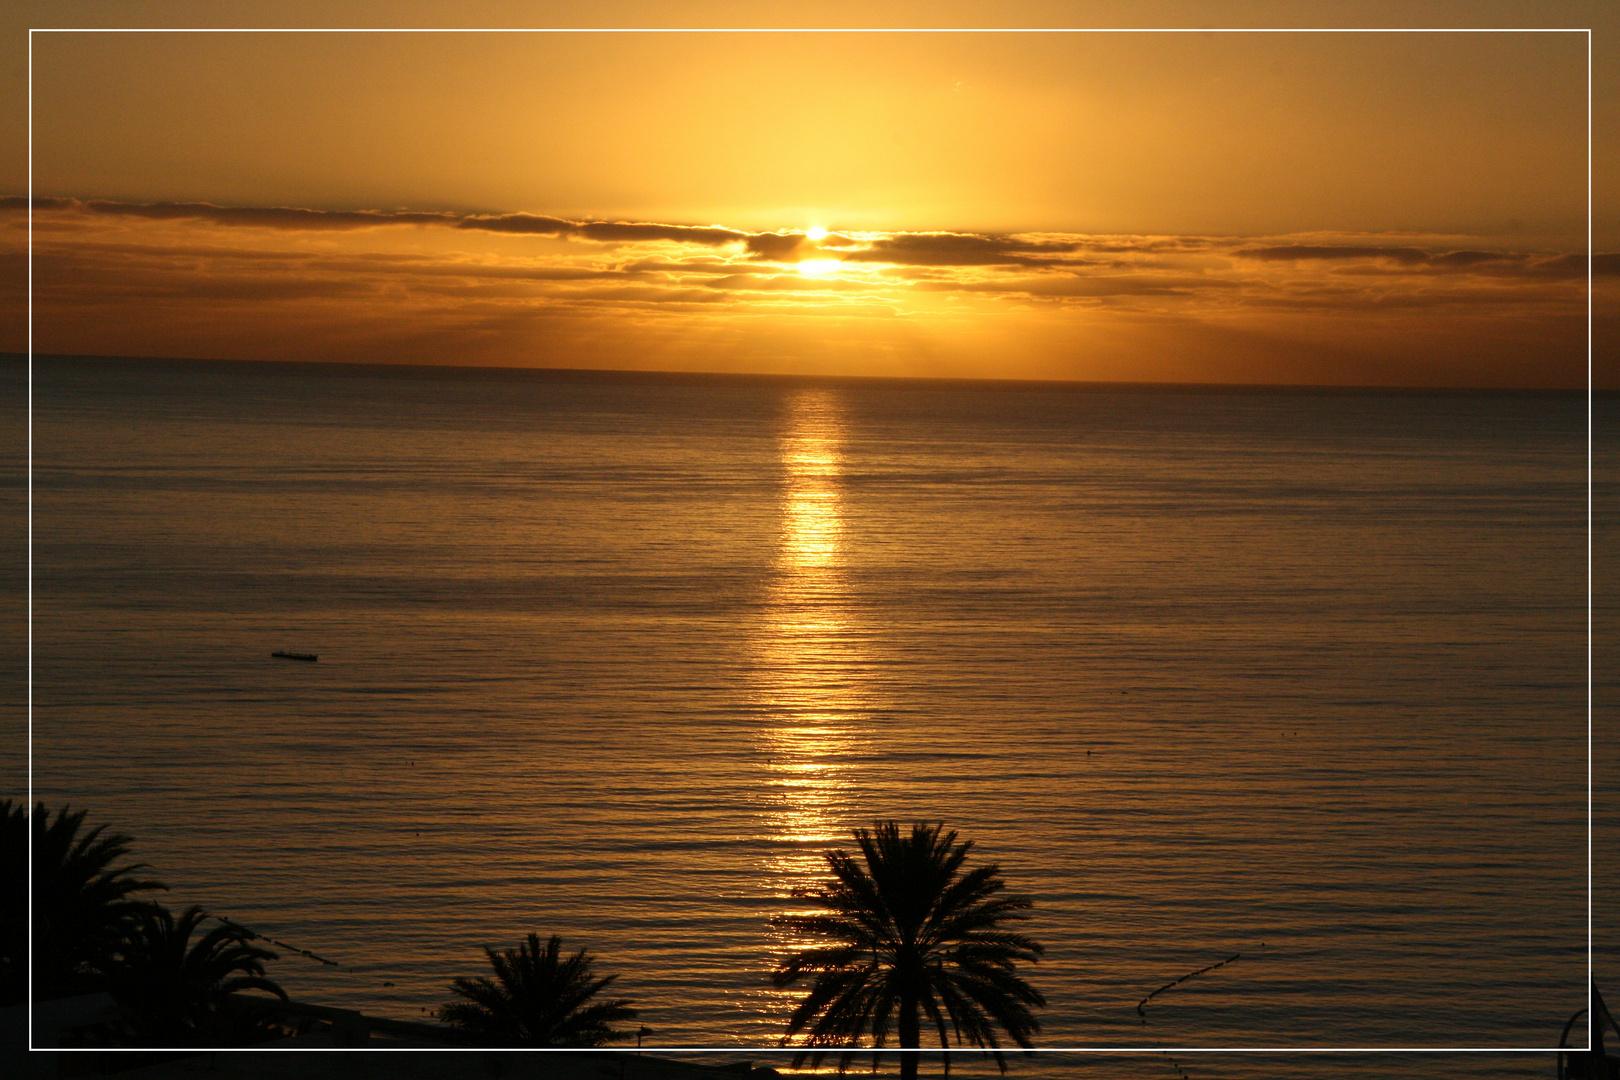 Sonnenaufgang 25.12.2010 auf Gran Canaria